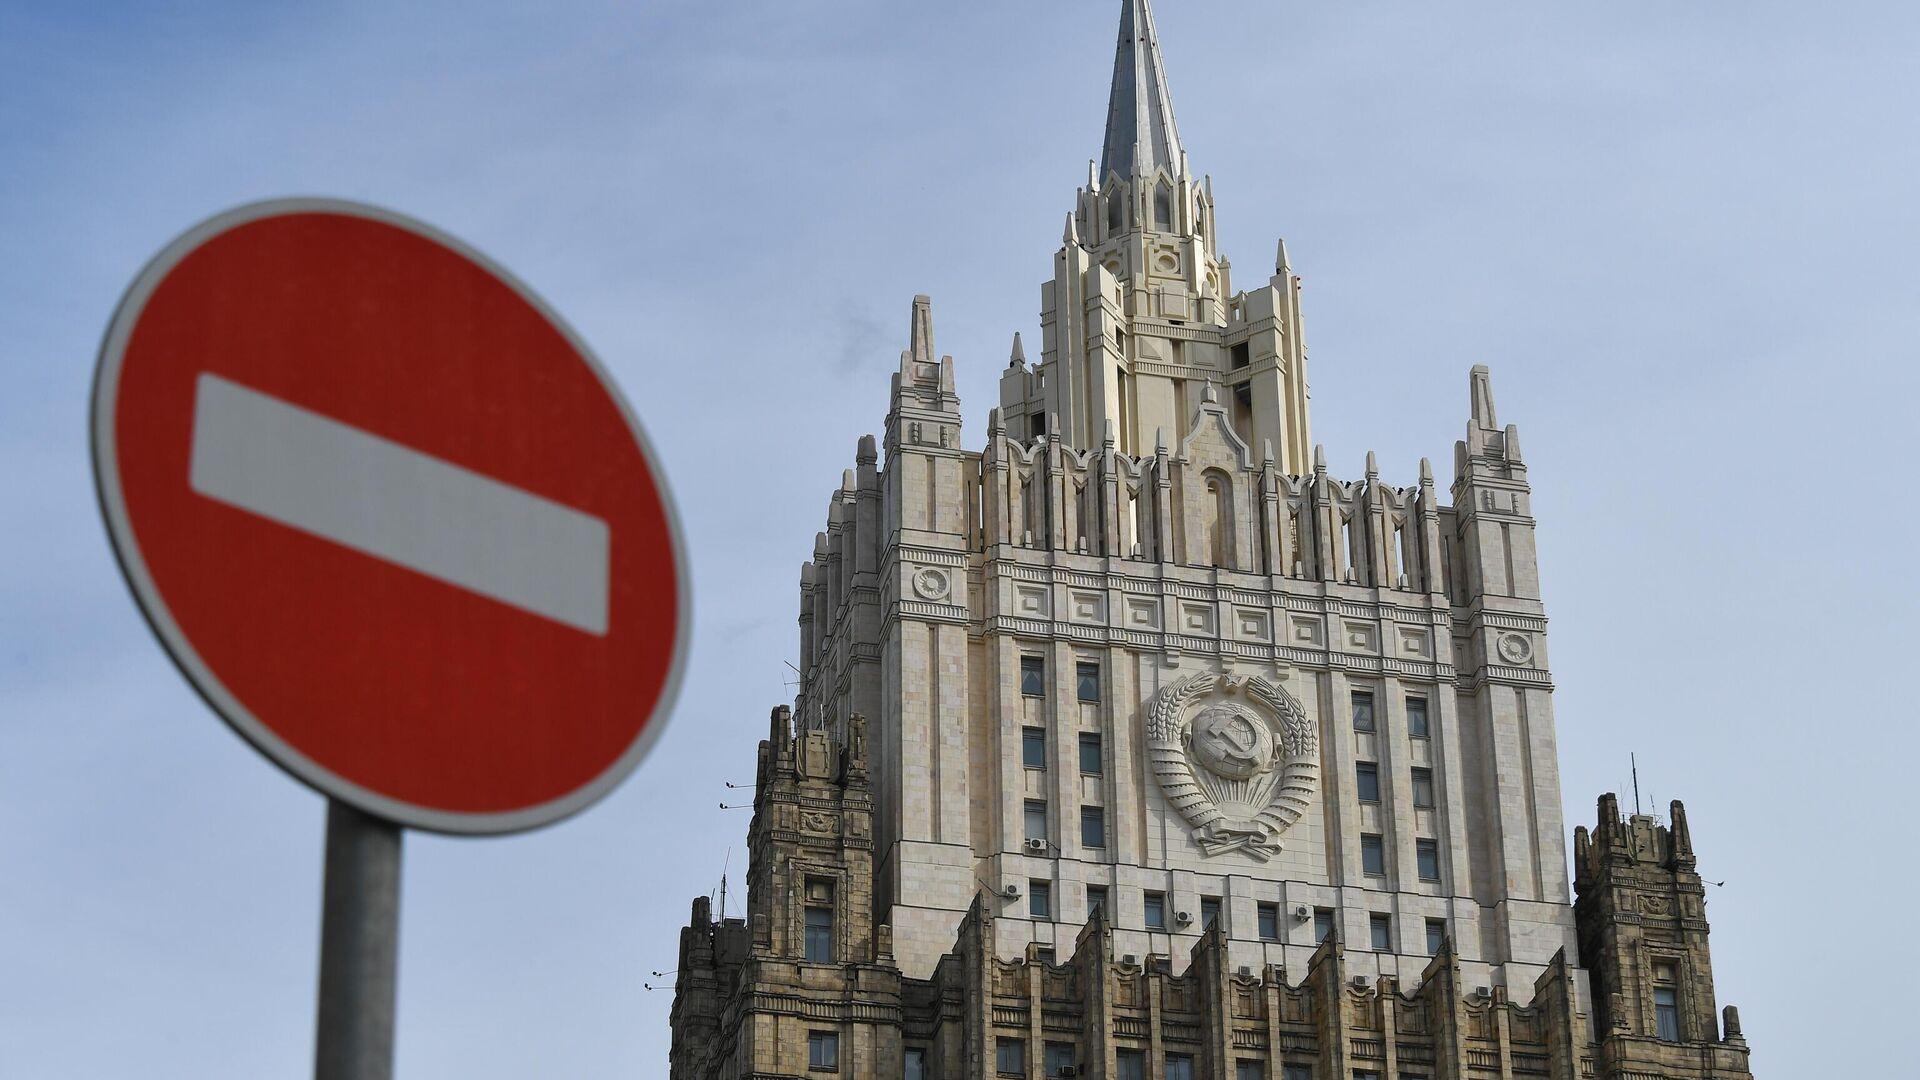 Здание Министерства иностранных дел РФ  - РИА Новости, 1920, 05.01.2021